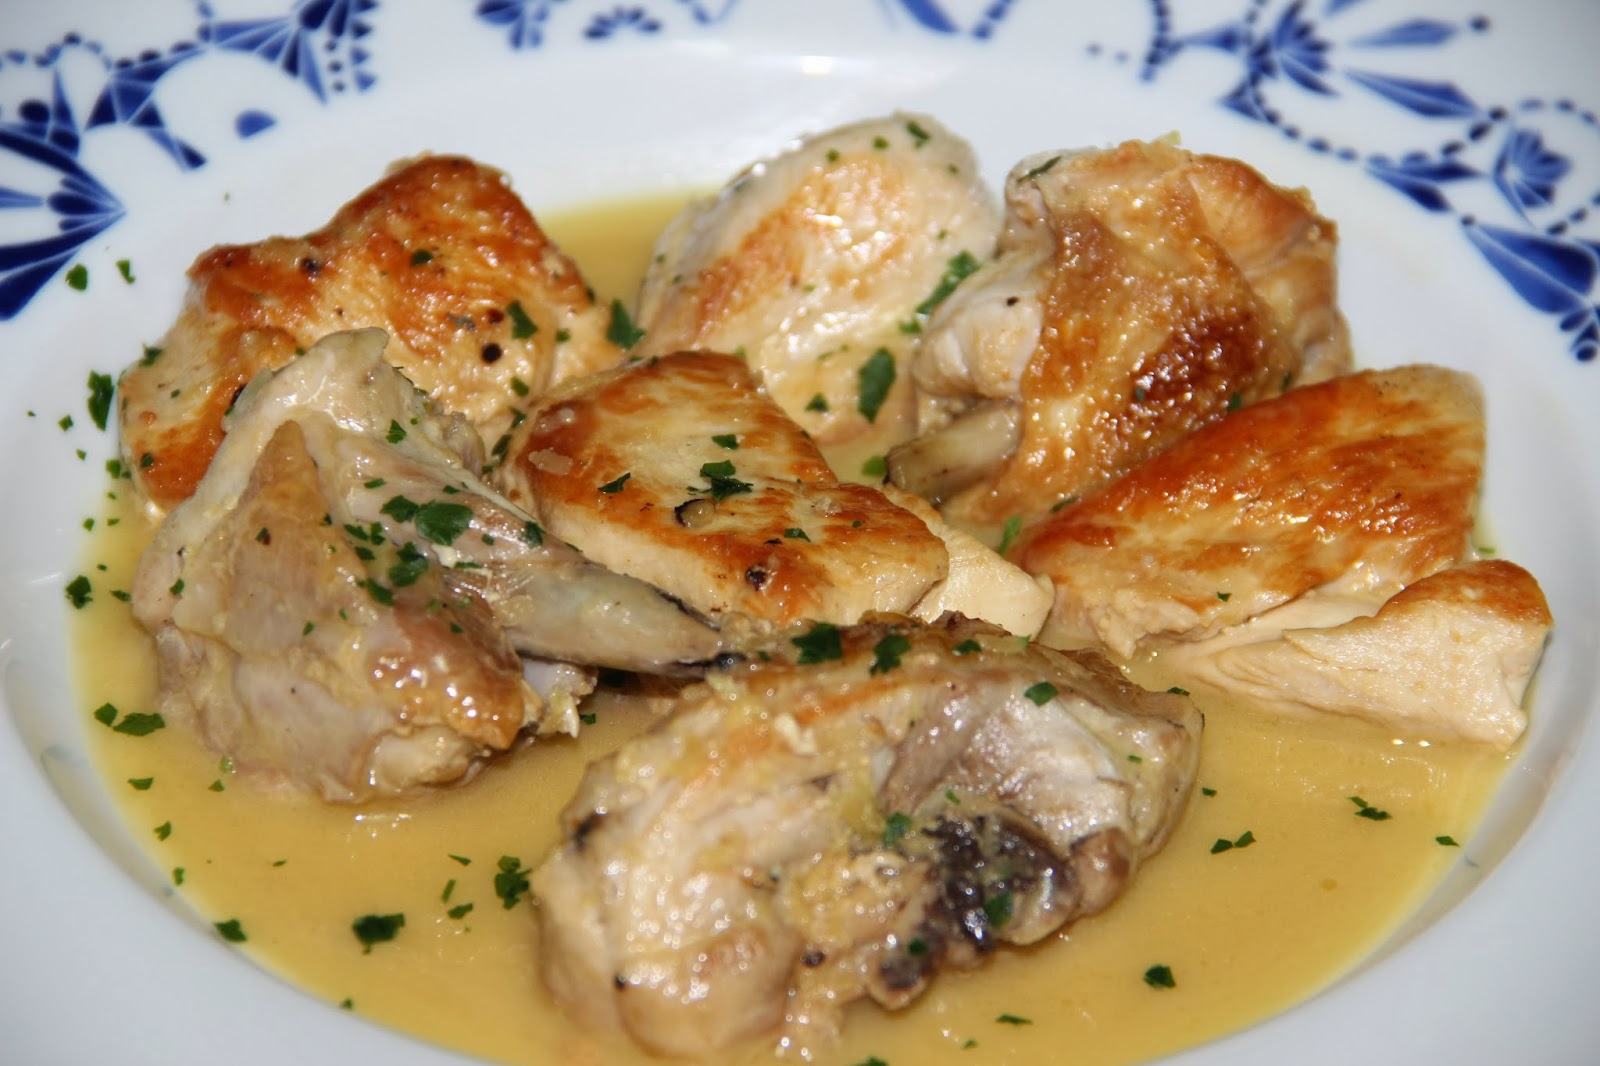 Mikelrecetas pollo al limon - Pollo al limon isasaweis ...